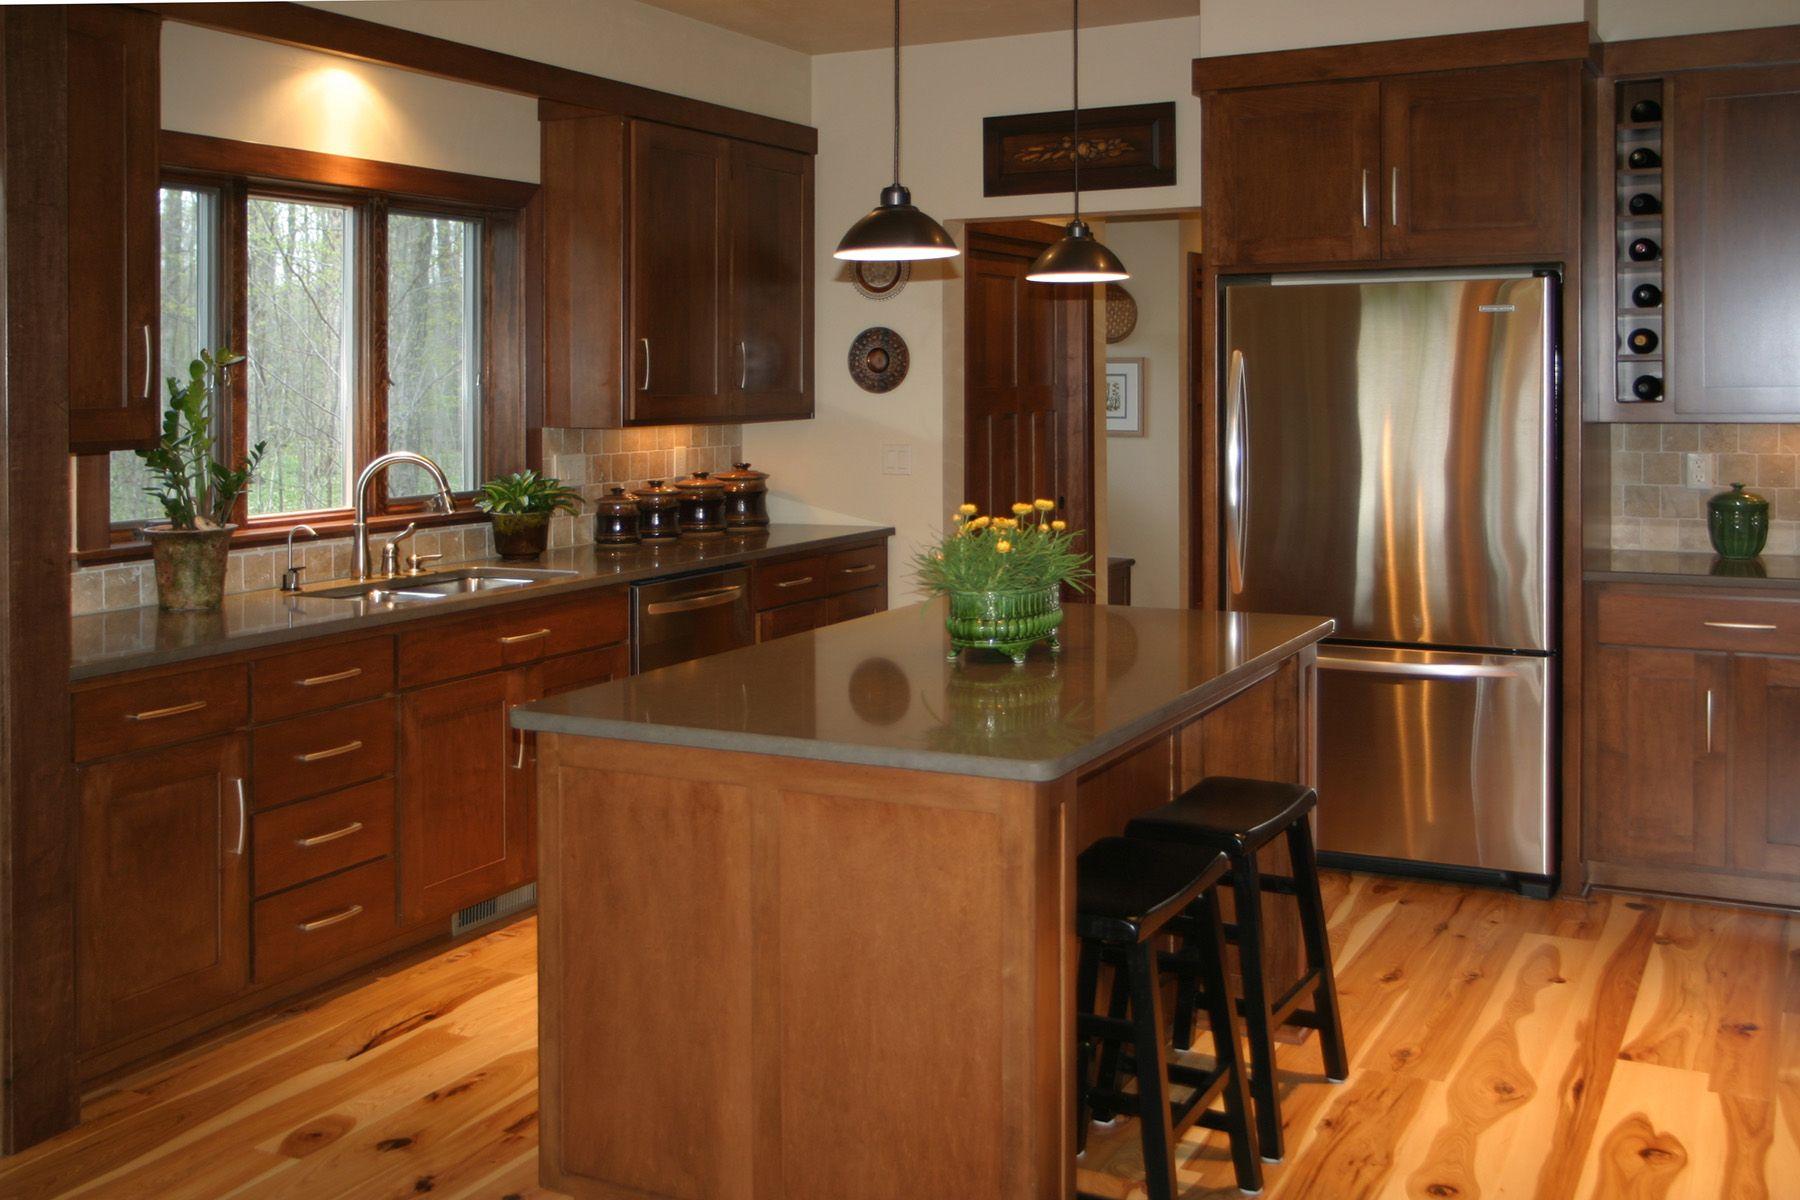 Decora tu cocina con al estilo rustico y campestre. Usa plantas ...